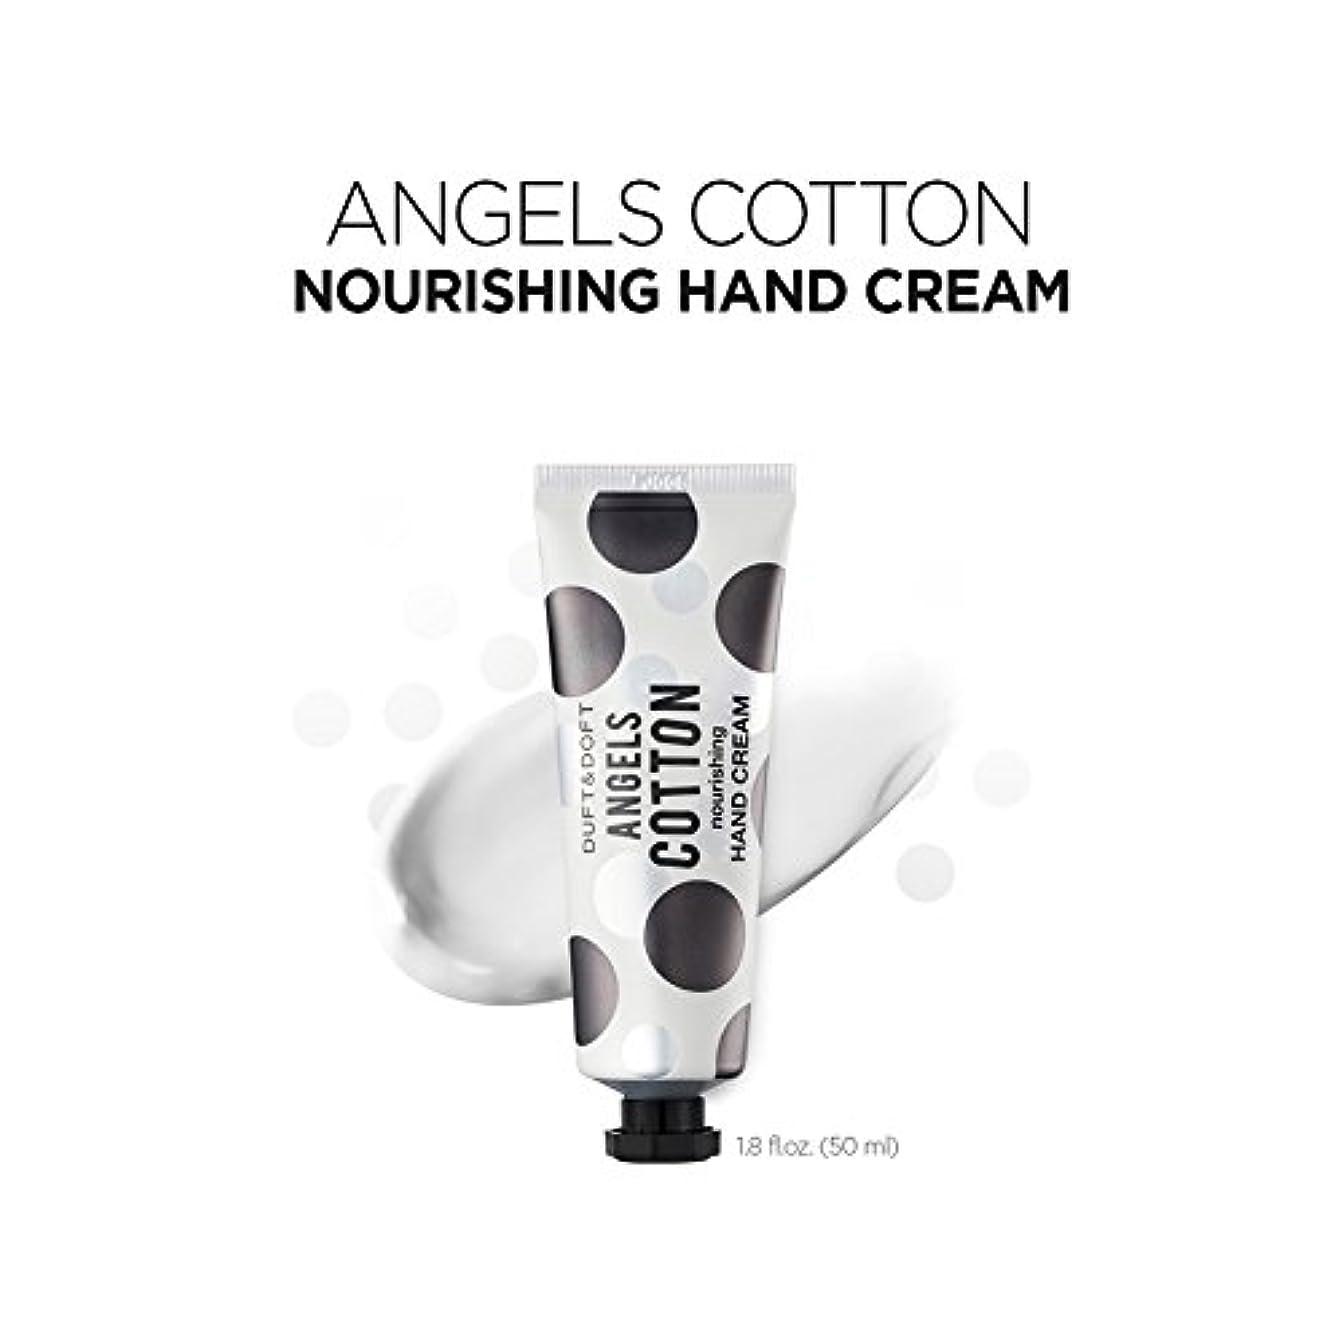 弁護振動する限定ゥフト&ドフト [DUFT&DOFT] エンジェルコットン ナリシング ハンドクリーム Angel Cotton Nourishing Hand Cream (50ml + 50ml) / 韓国製 韓国直送品